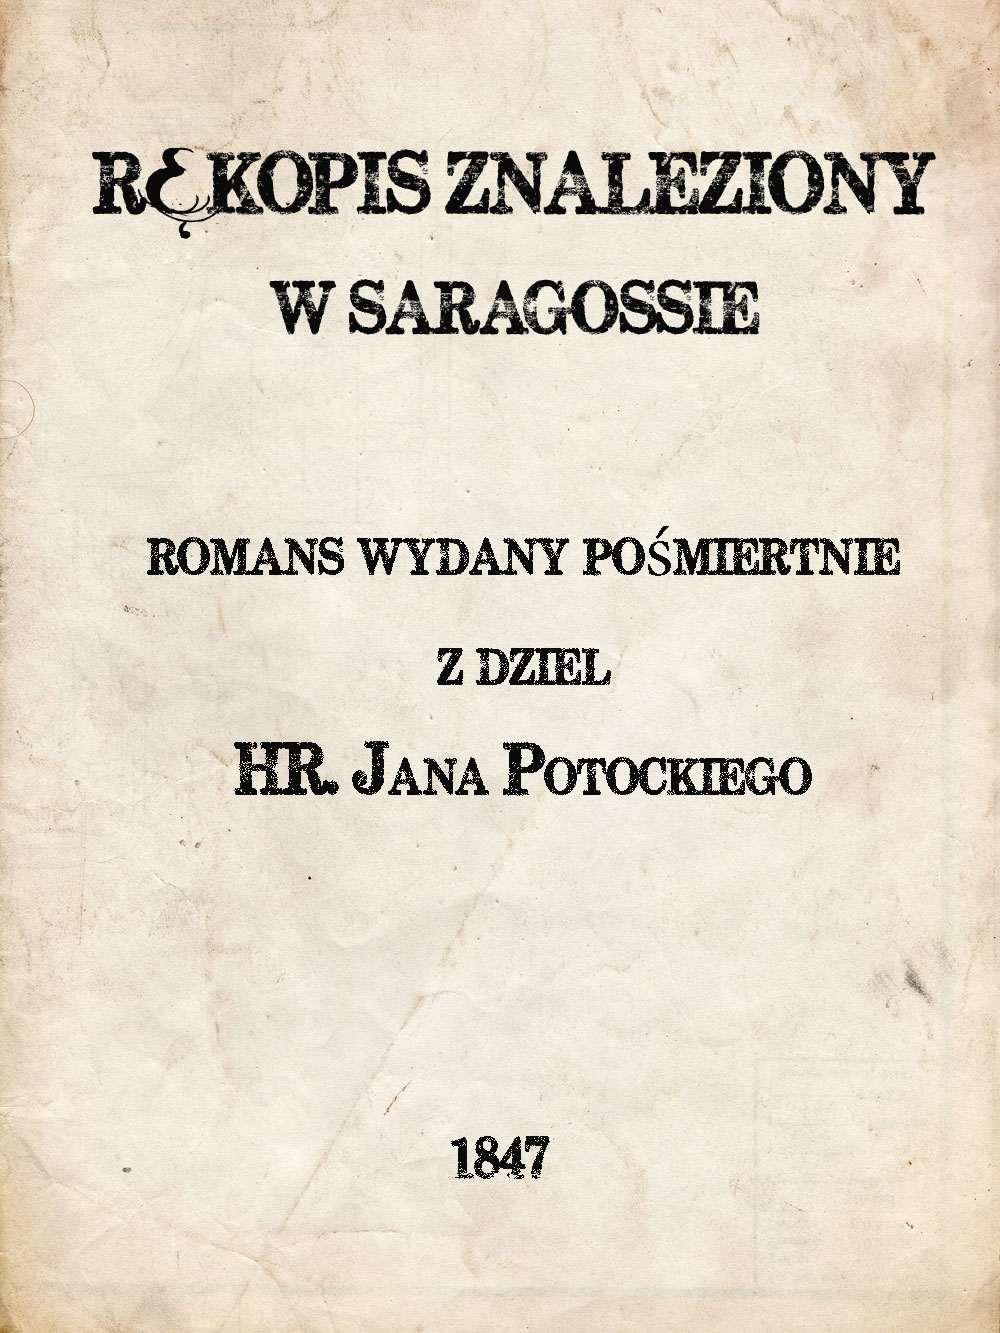 Rękopis znaleziony w Saragossie - Ebook (Książka PDF) do pobrania w formacie PDF